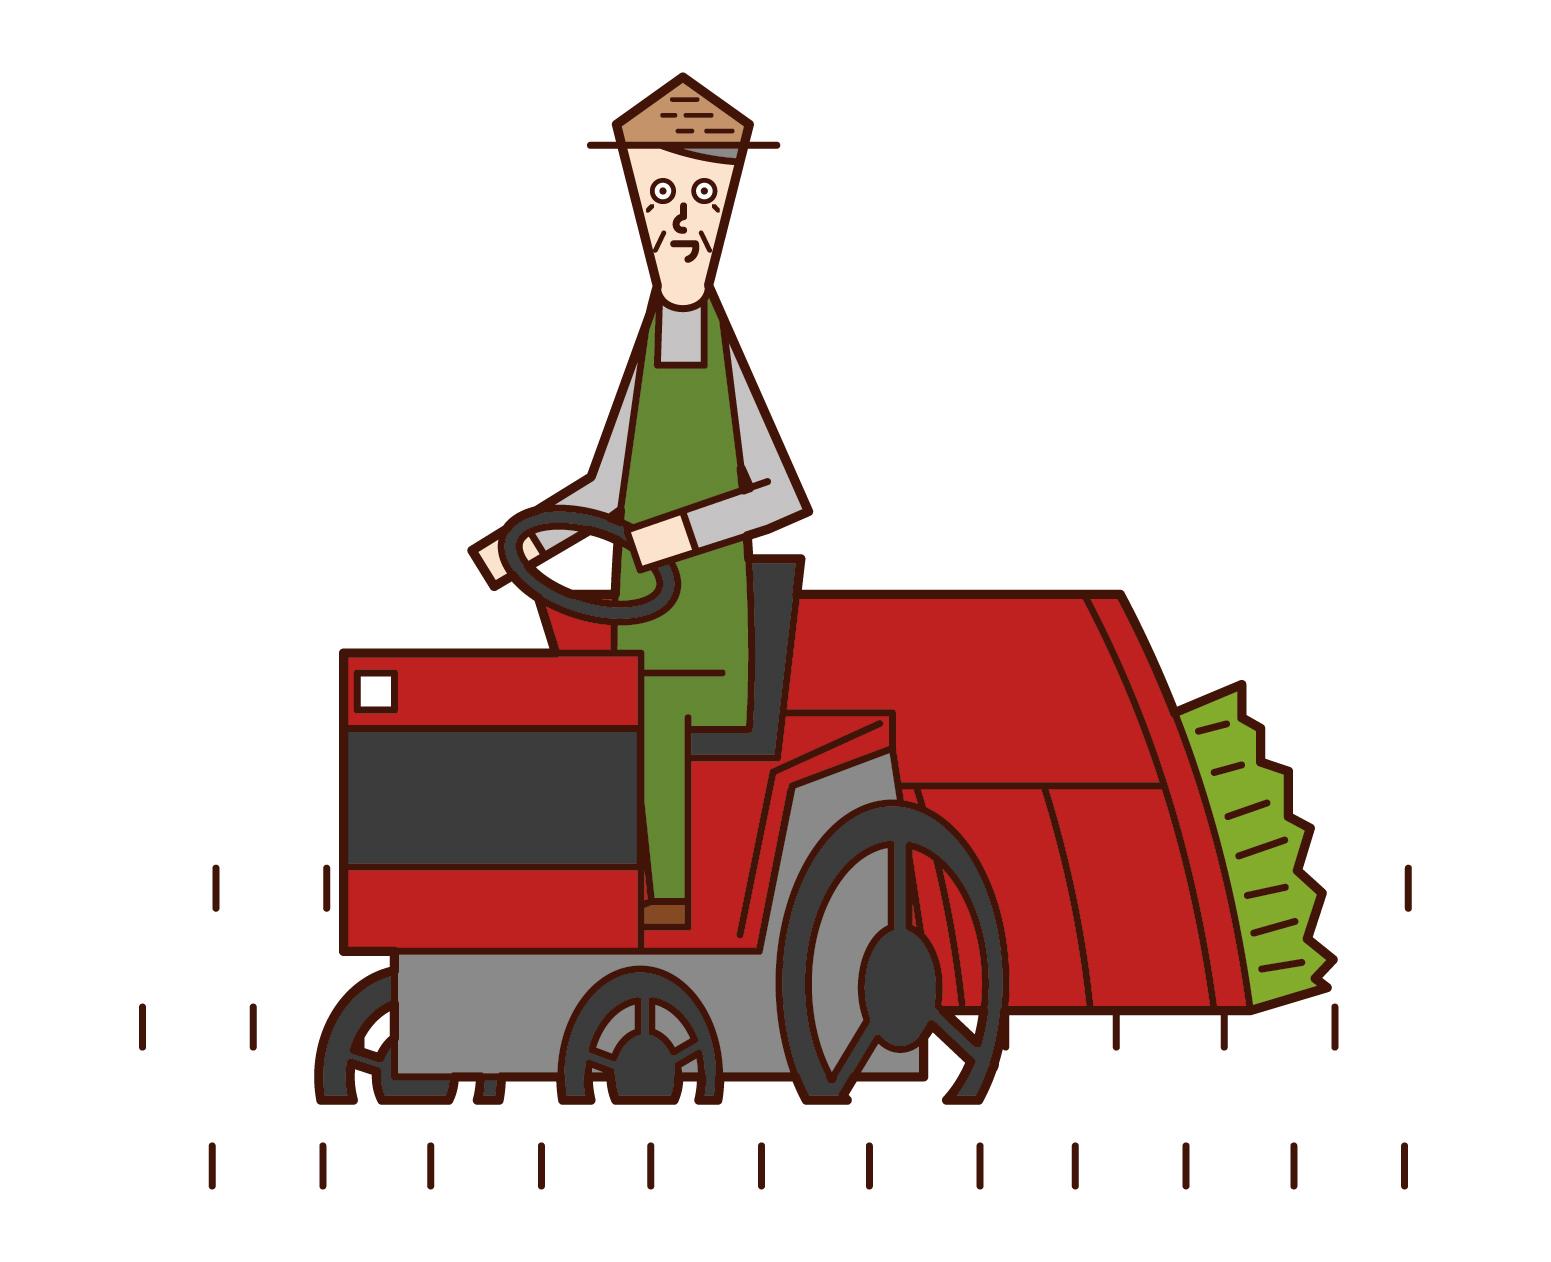 쌀 재배기를 타고 운전하는 사람 (할아버지)의 그림